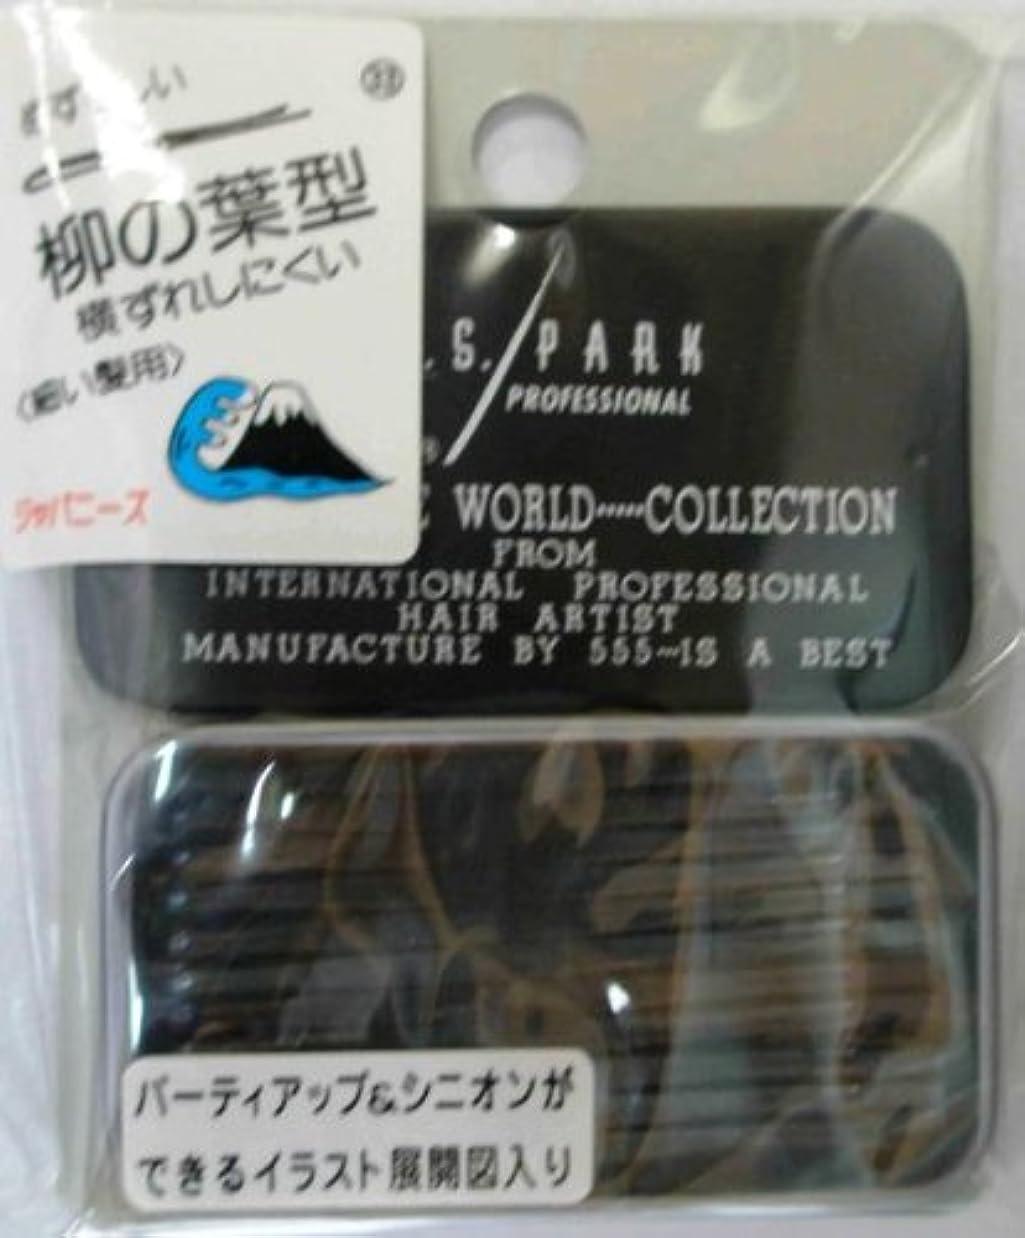 友情モーション旅Y.S.PARK世界のヘアピンコレクションNo.33(細い髪用)ジャパニーズ32P